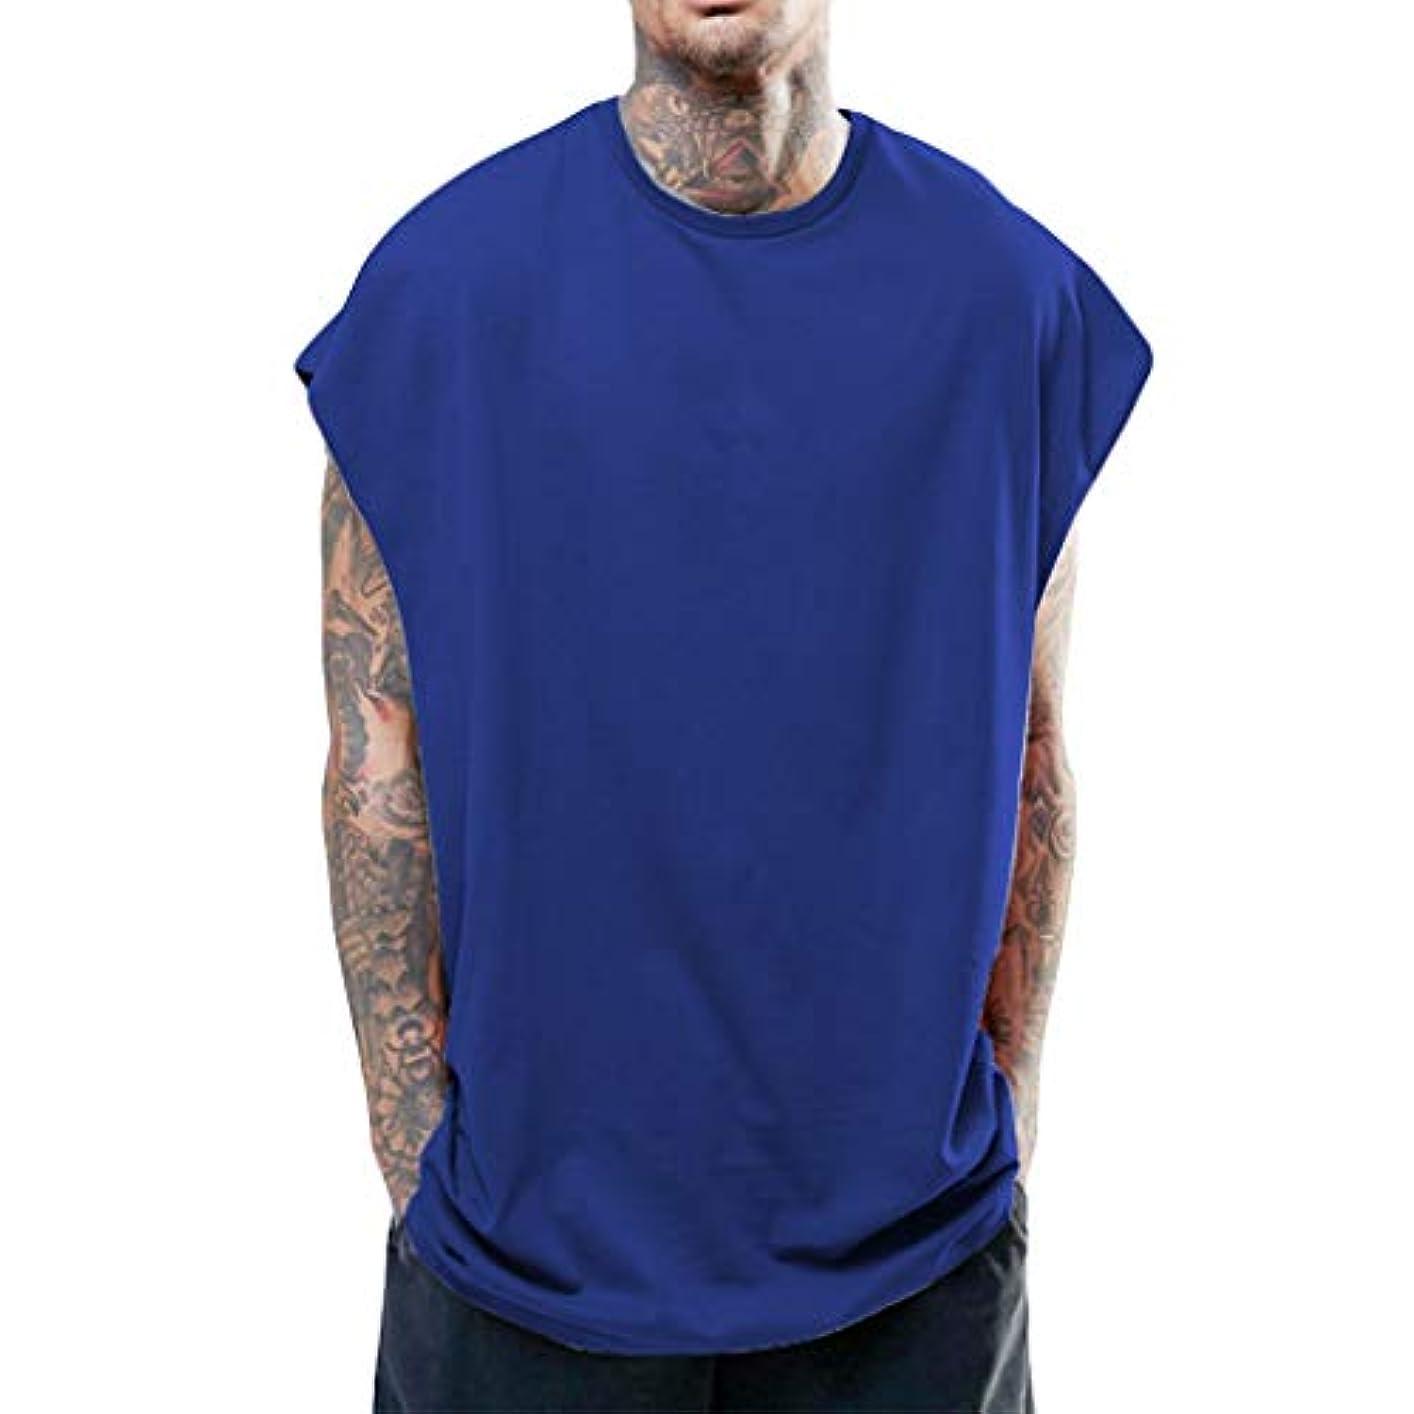 ジャニス準備タンクトップ メンズ トレーニングウェア ノースリーブ フィットネス スポーツウェア Tシャツ ドライ ノースリーブ 無地 大きいサイズ インナーシャツ ジムウェア 吸汗速乾